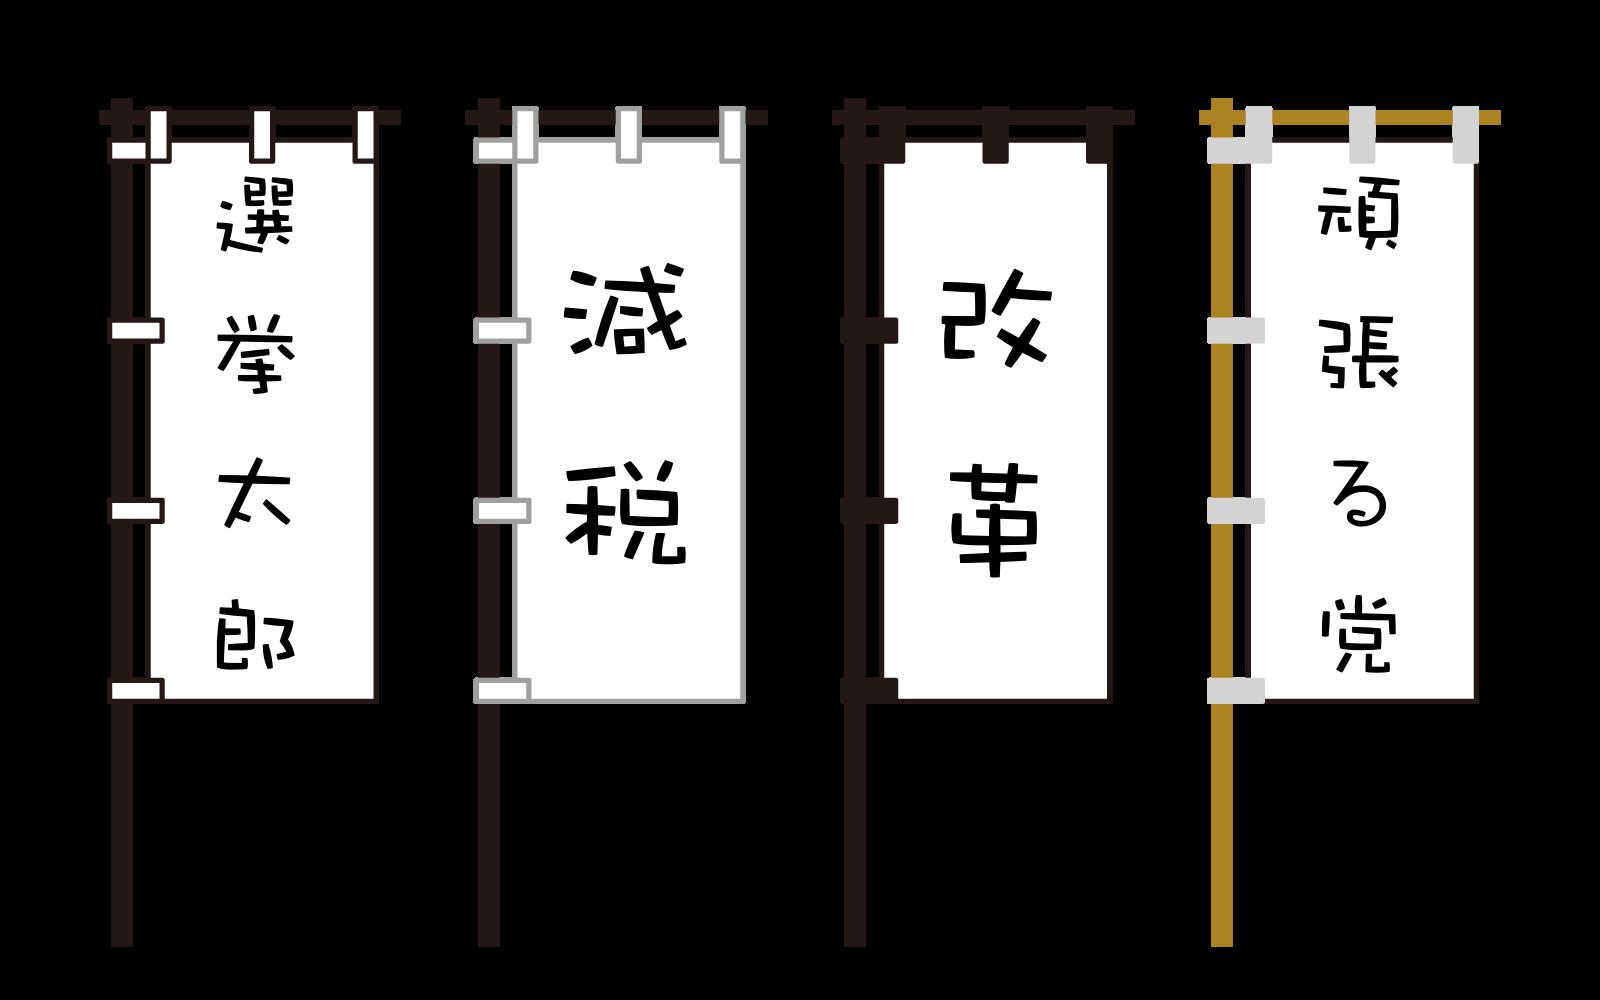 選挙運動でののぼり旗の使用規制